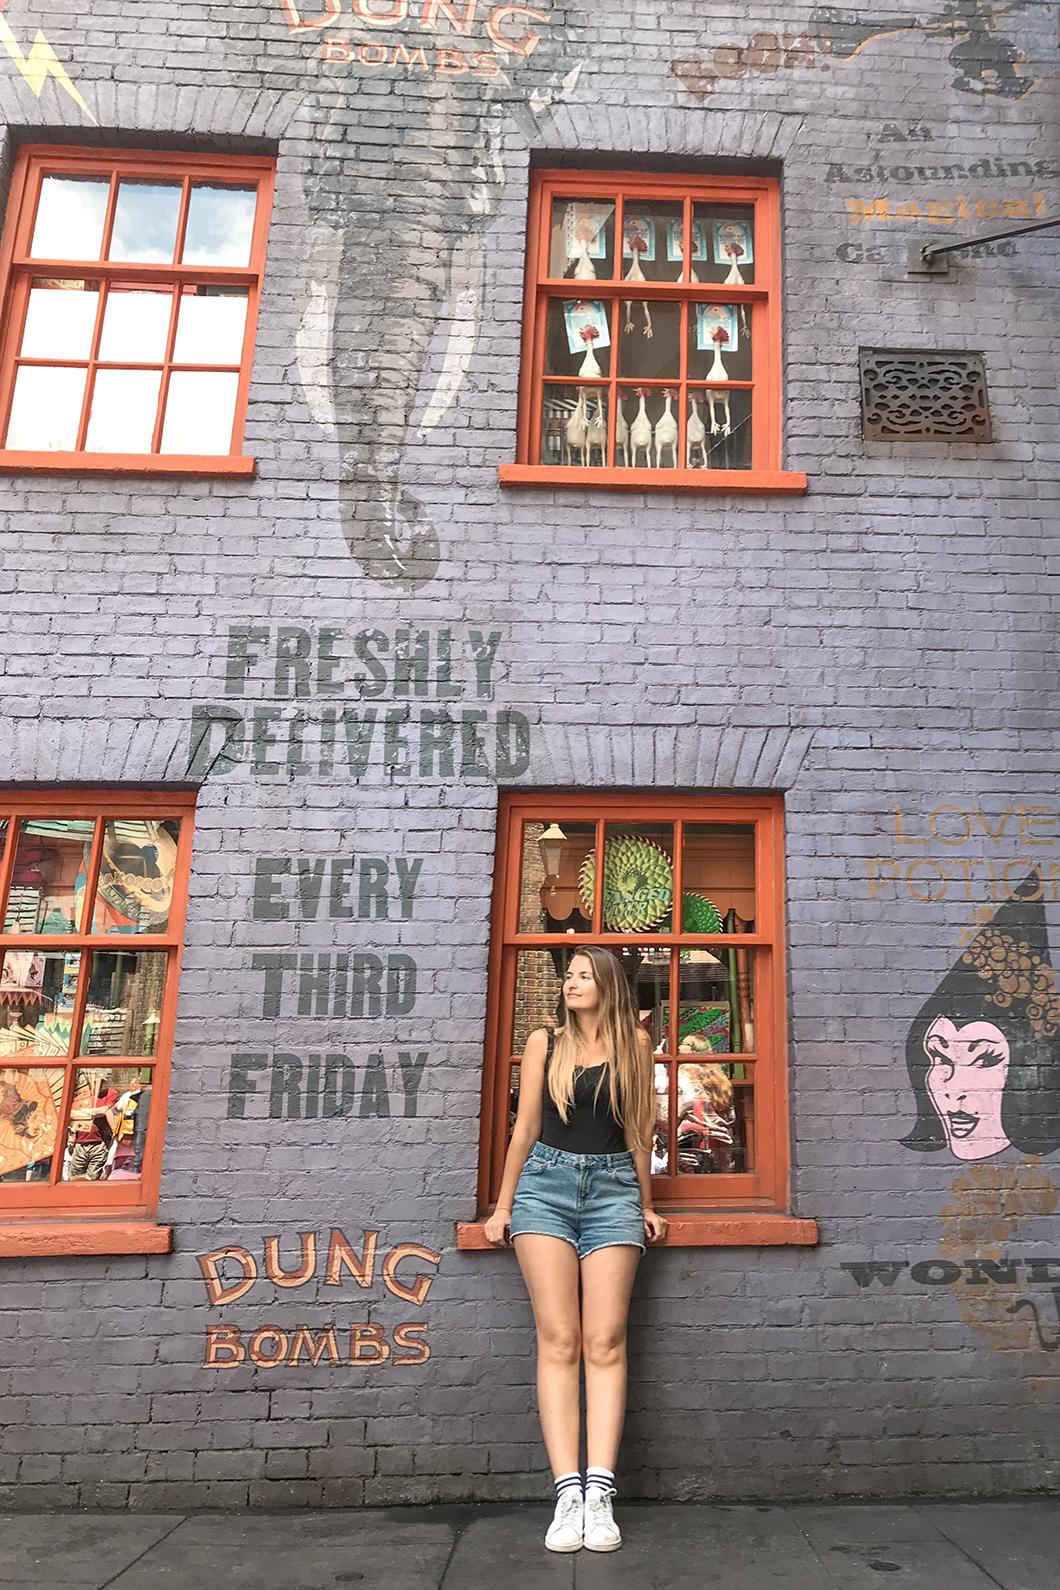 Décors de Harry Potter à Universal Studios Orlando